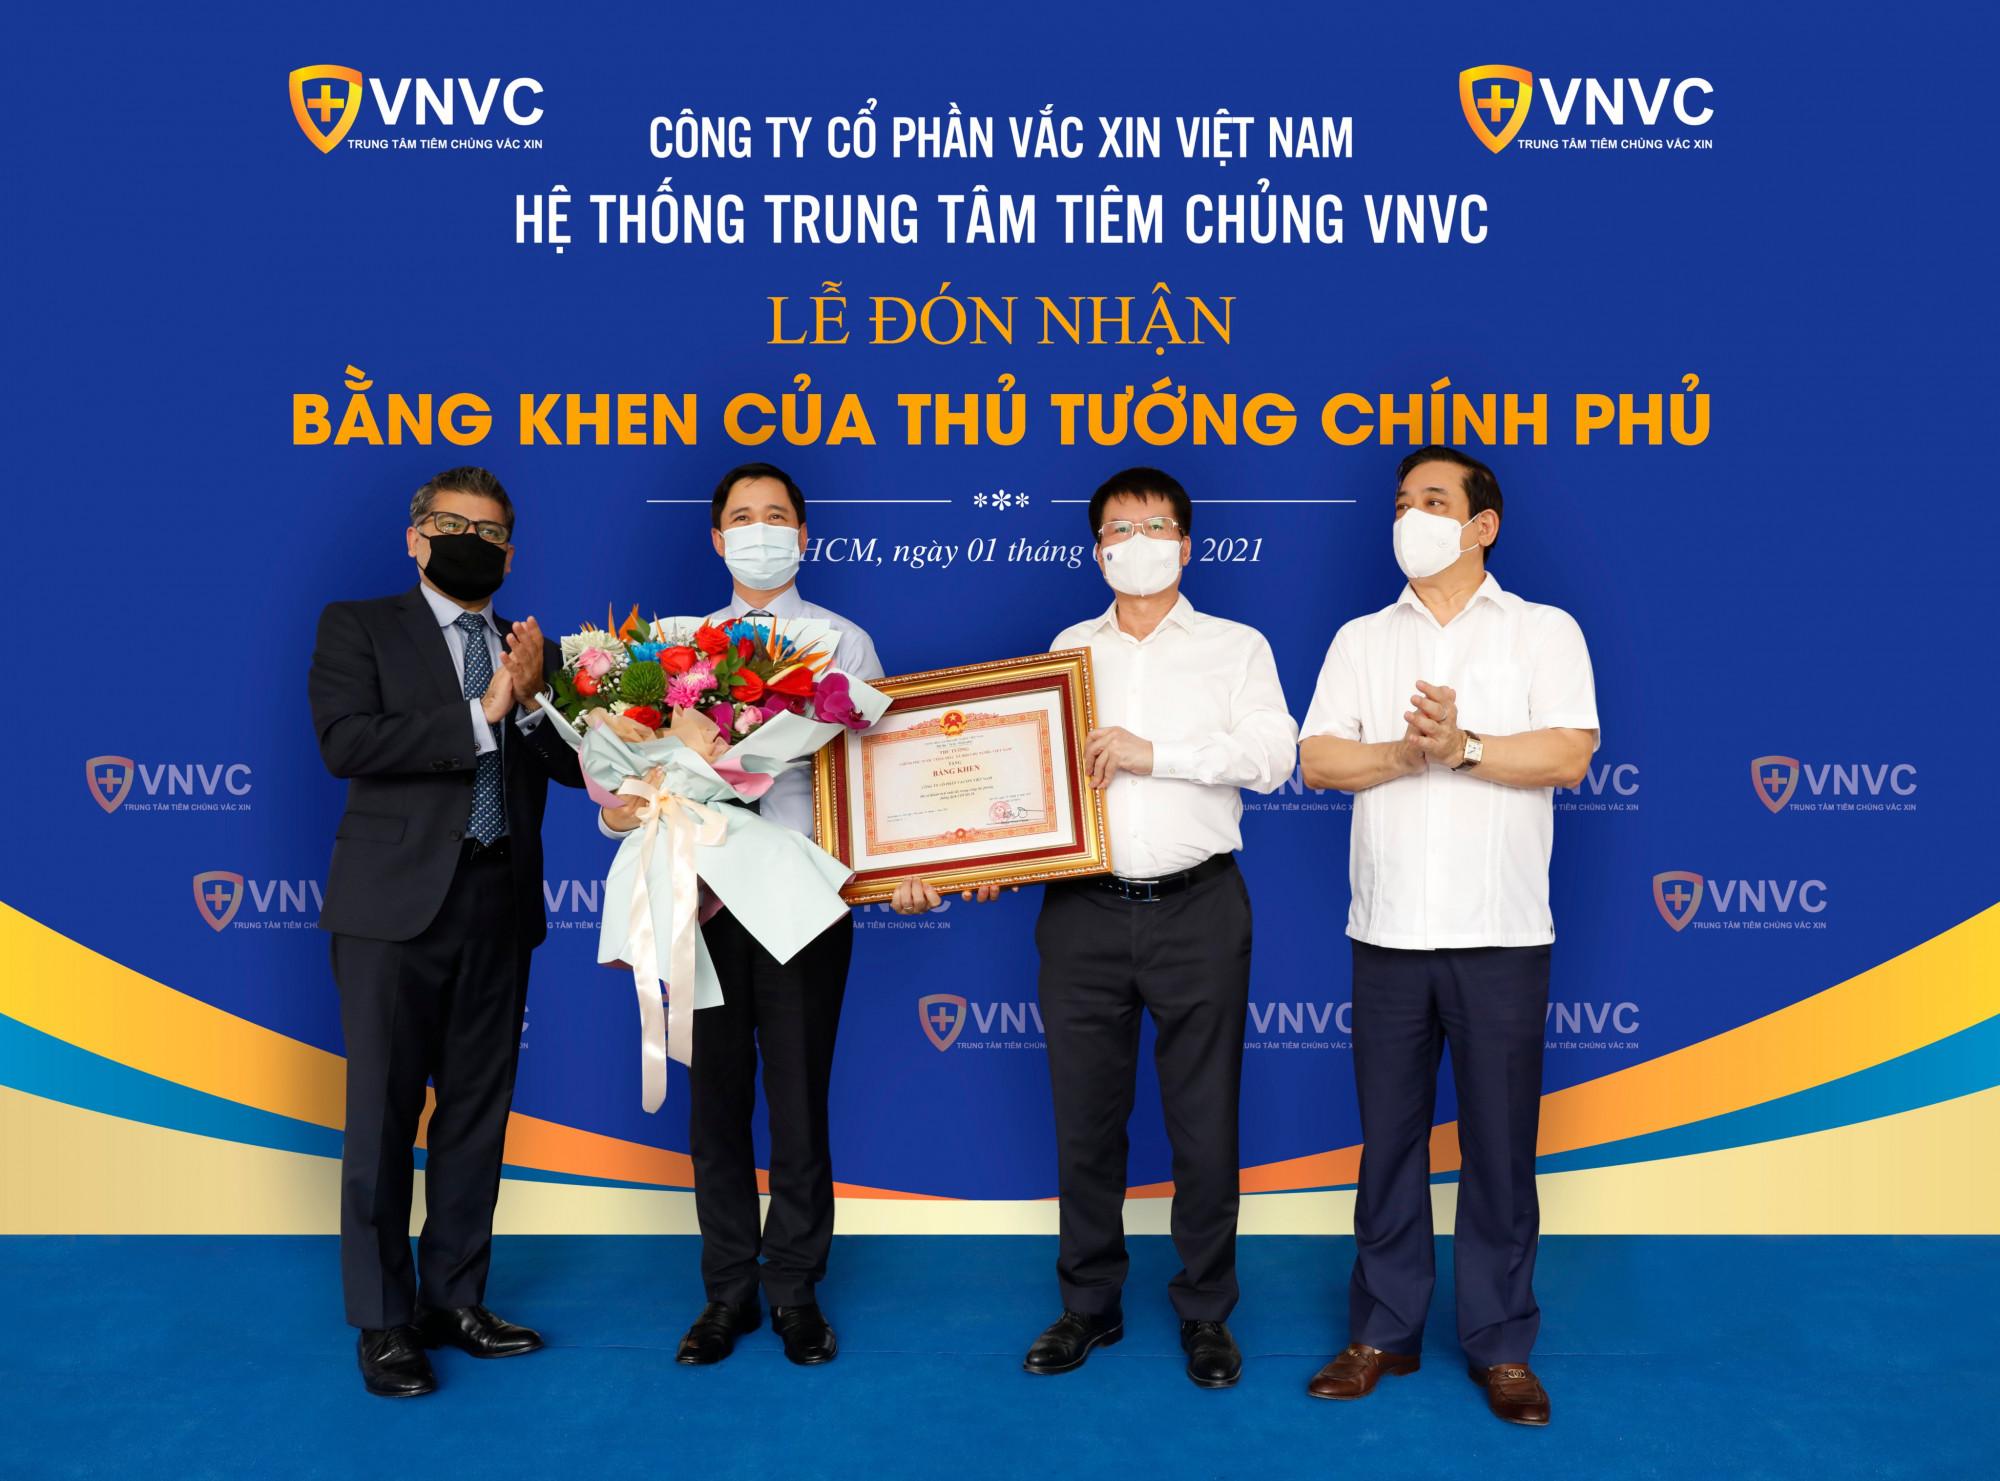 Ngày 1/6/2021, VNVC vinh dự đón nhận bằng khen của Thủ tướng Chính phủ vì những thành tích xuất sắc trong công tác phòng, chống dịch COVID-19.  Ảnh: ECO